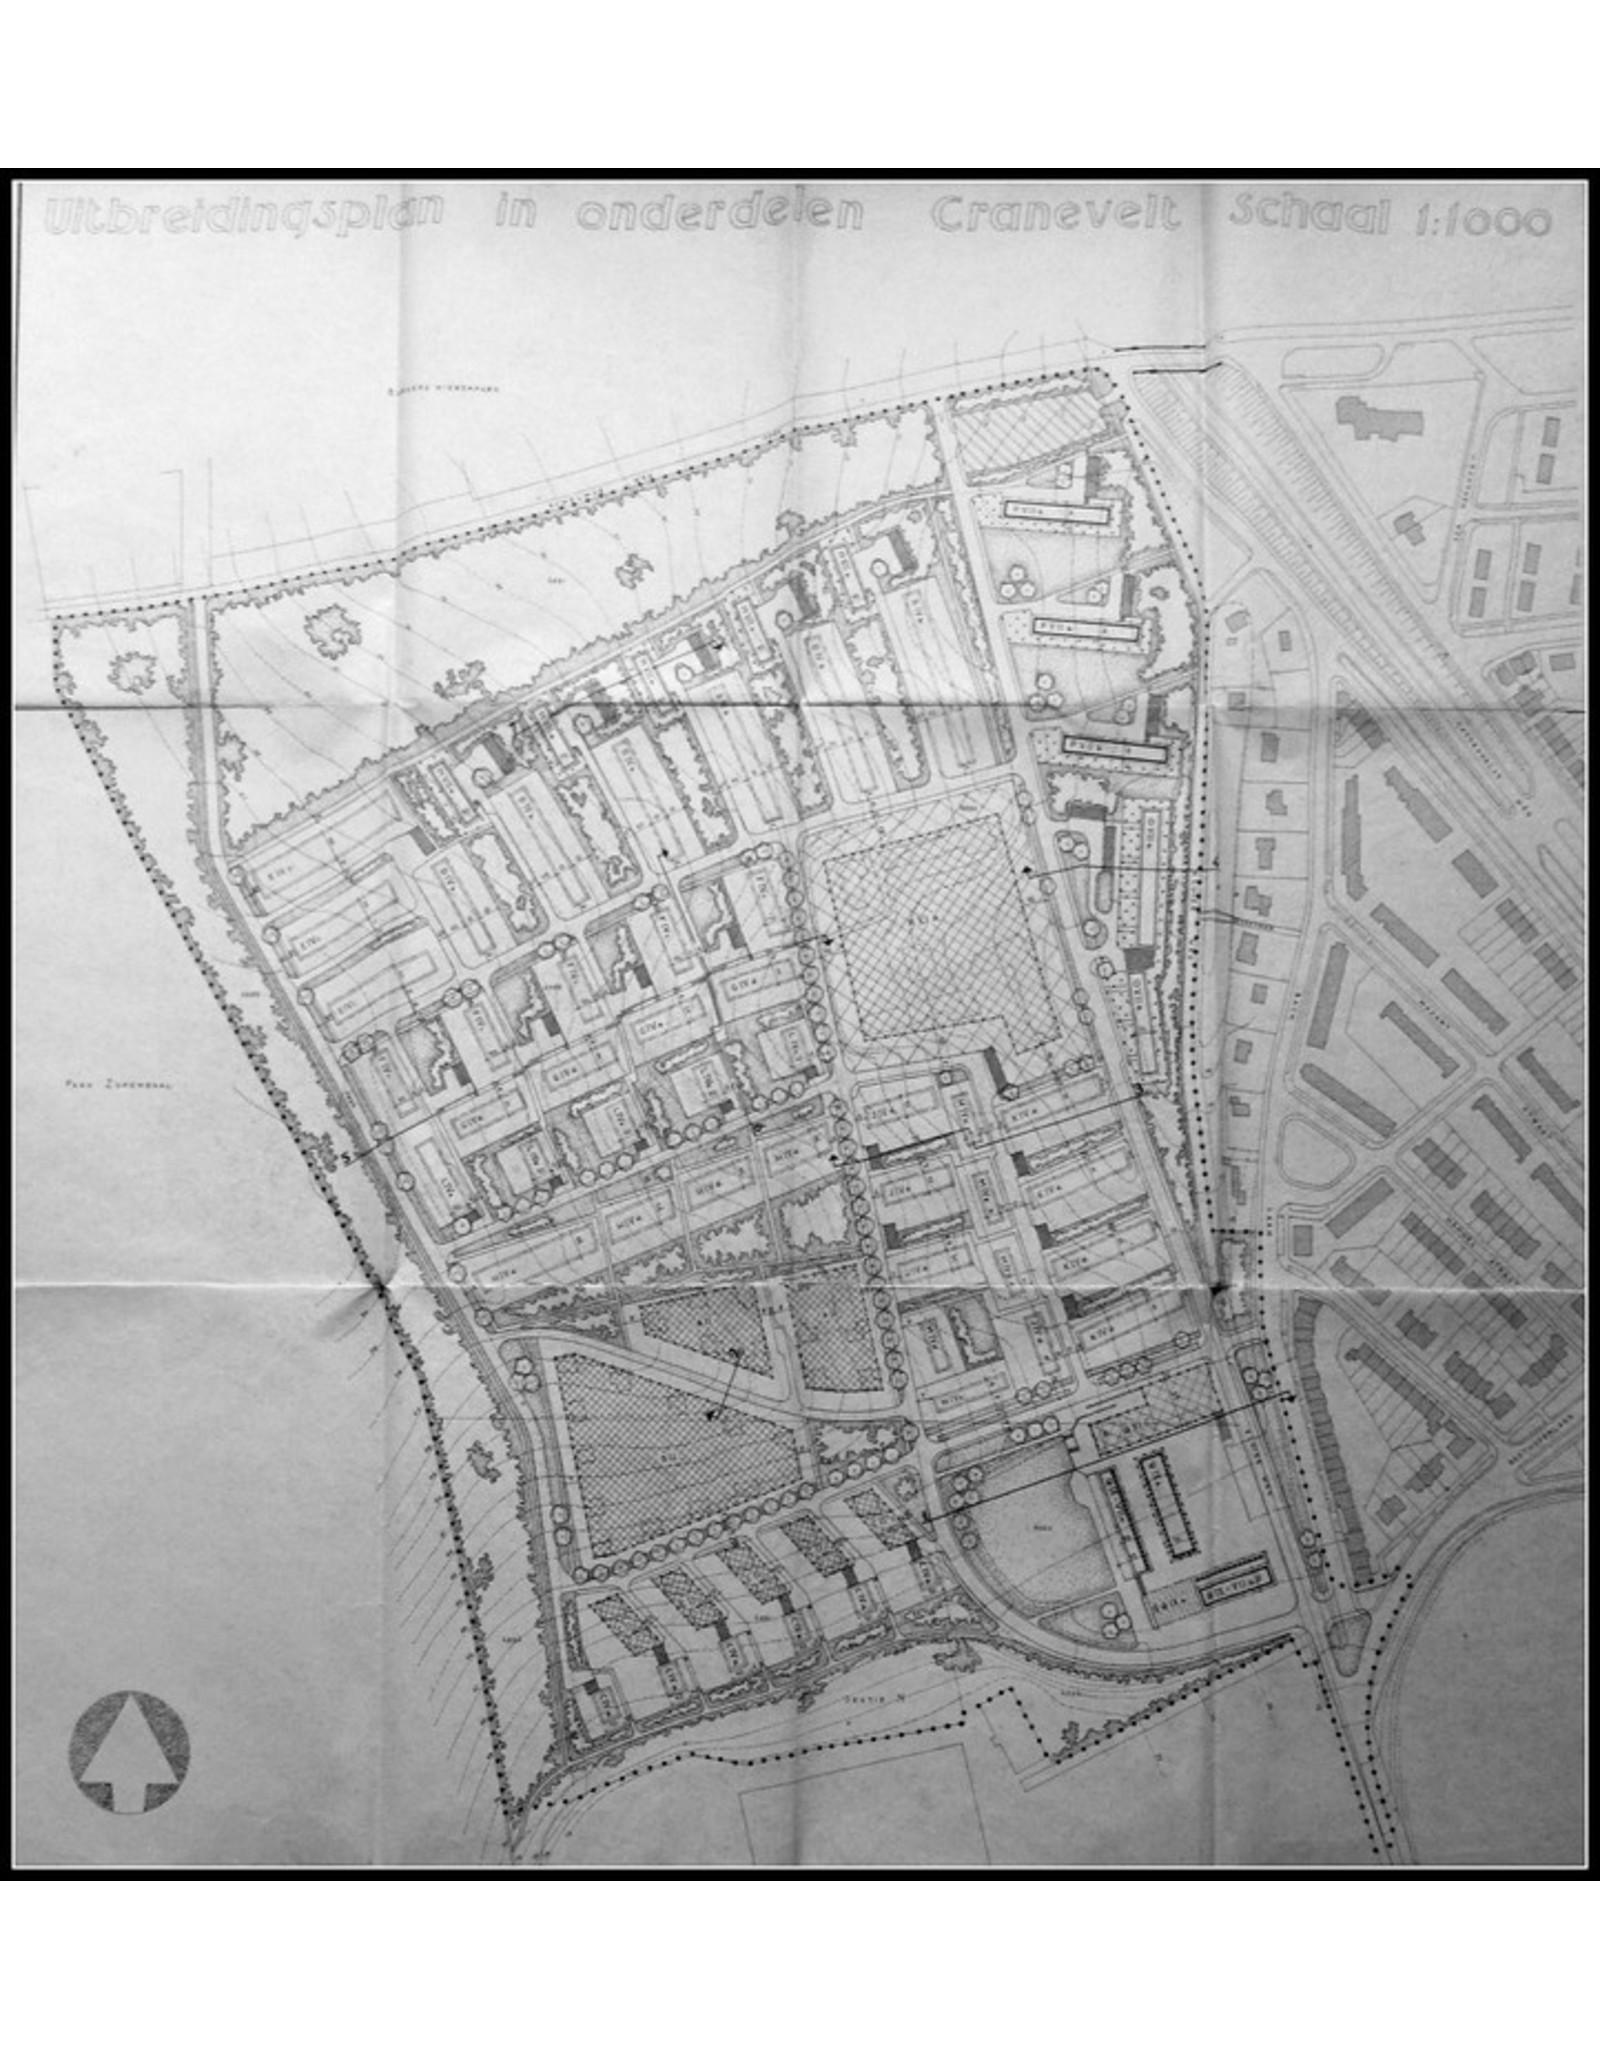 Uitbreidingsplan in onderdelen Cranevelt